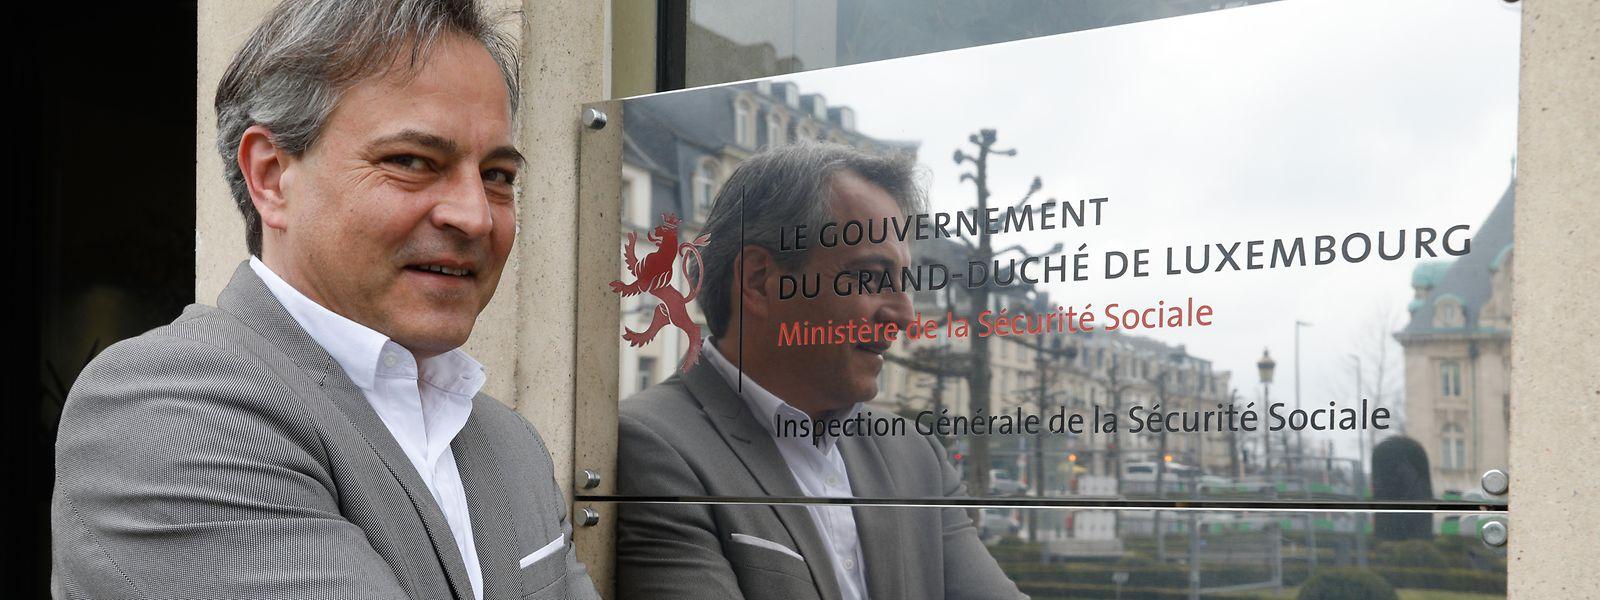 Arrivé en 2017 au Conseil économique et social, Tom Dominique en prend la présidence pour deux ans.